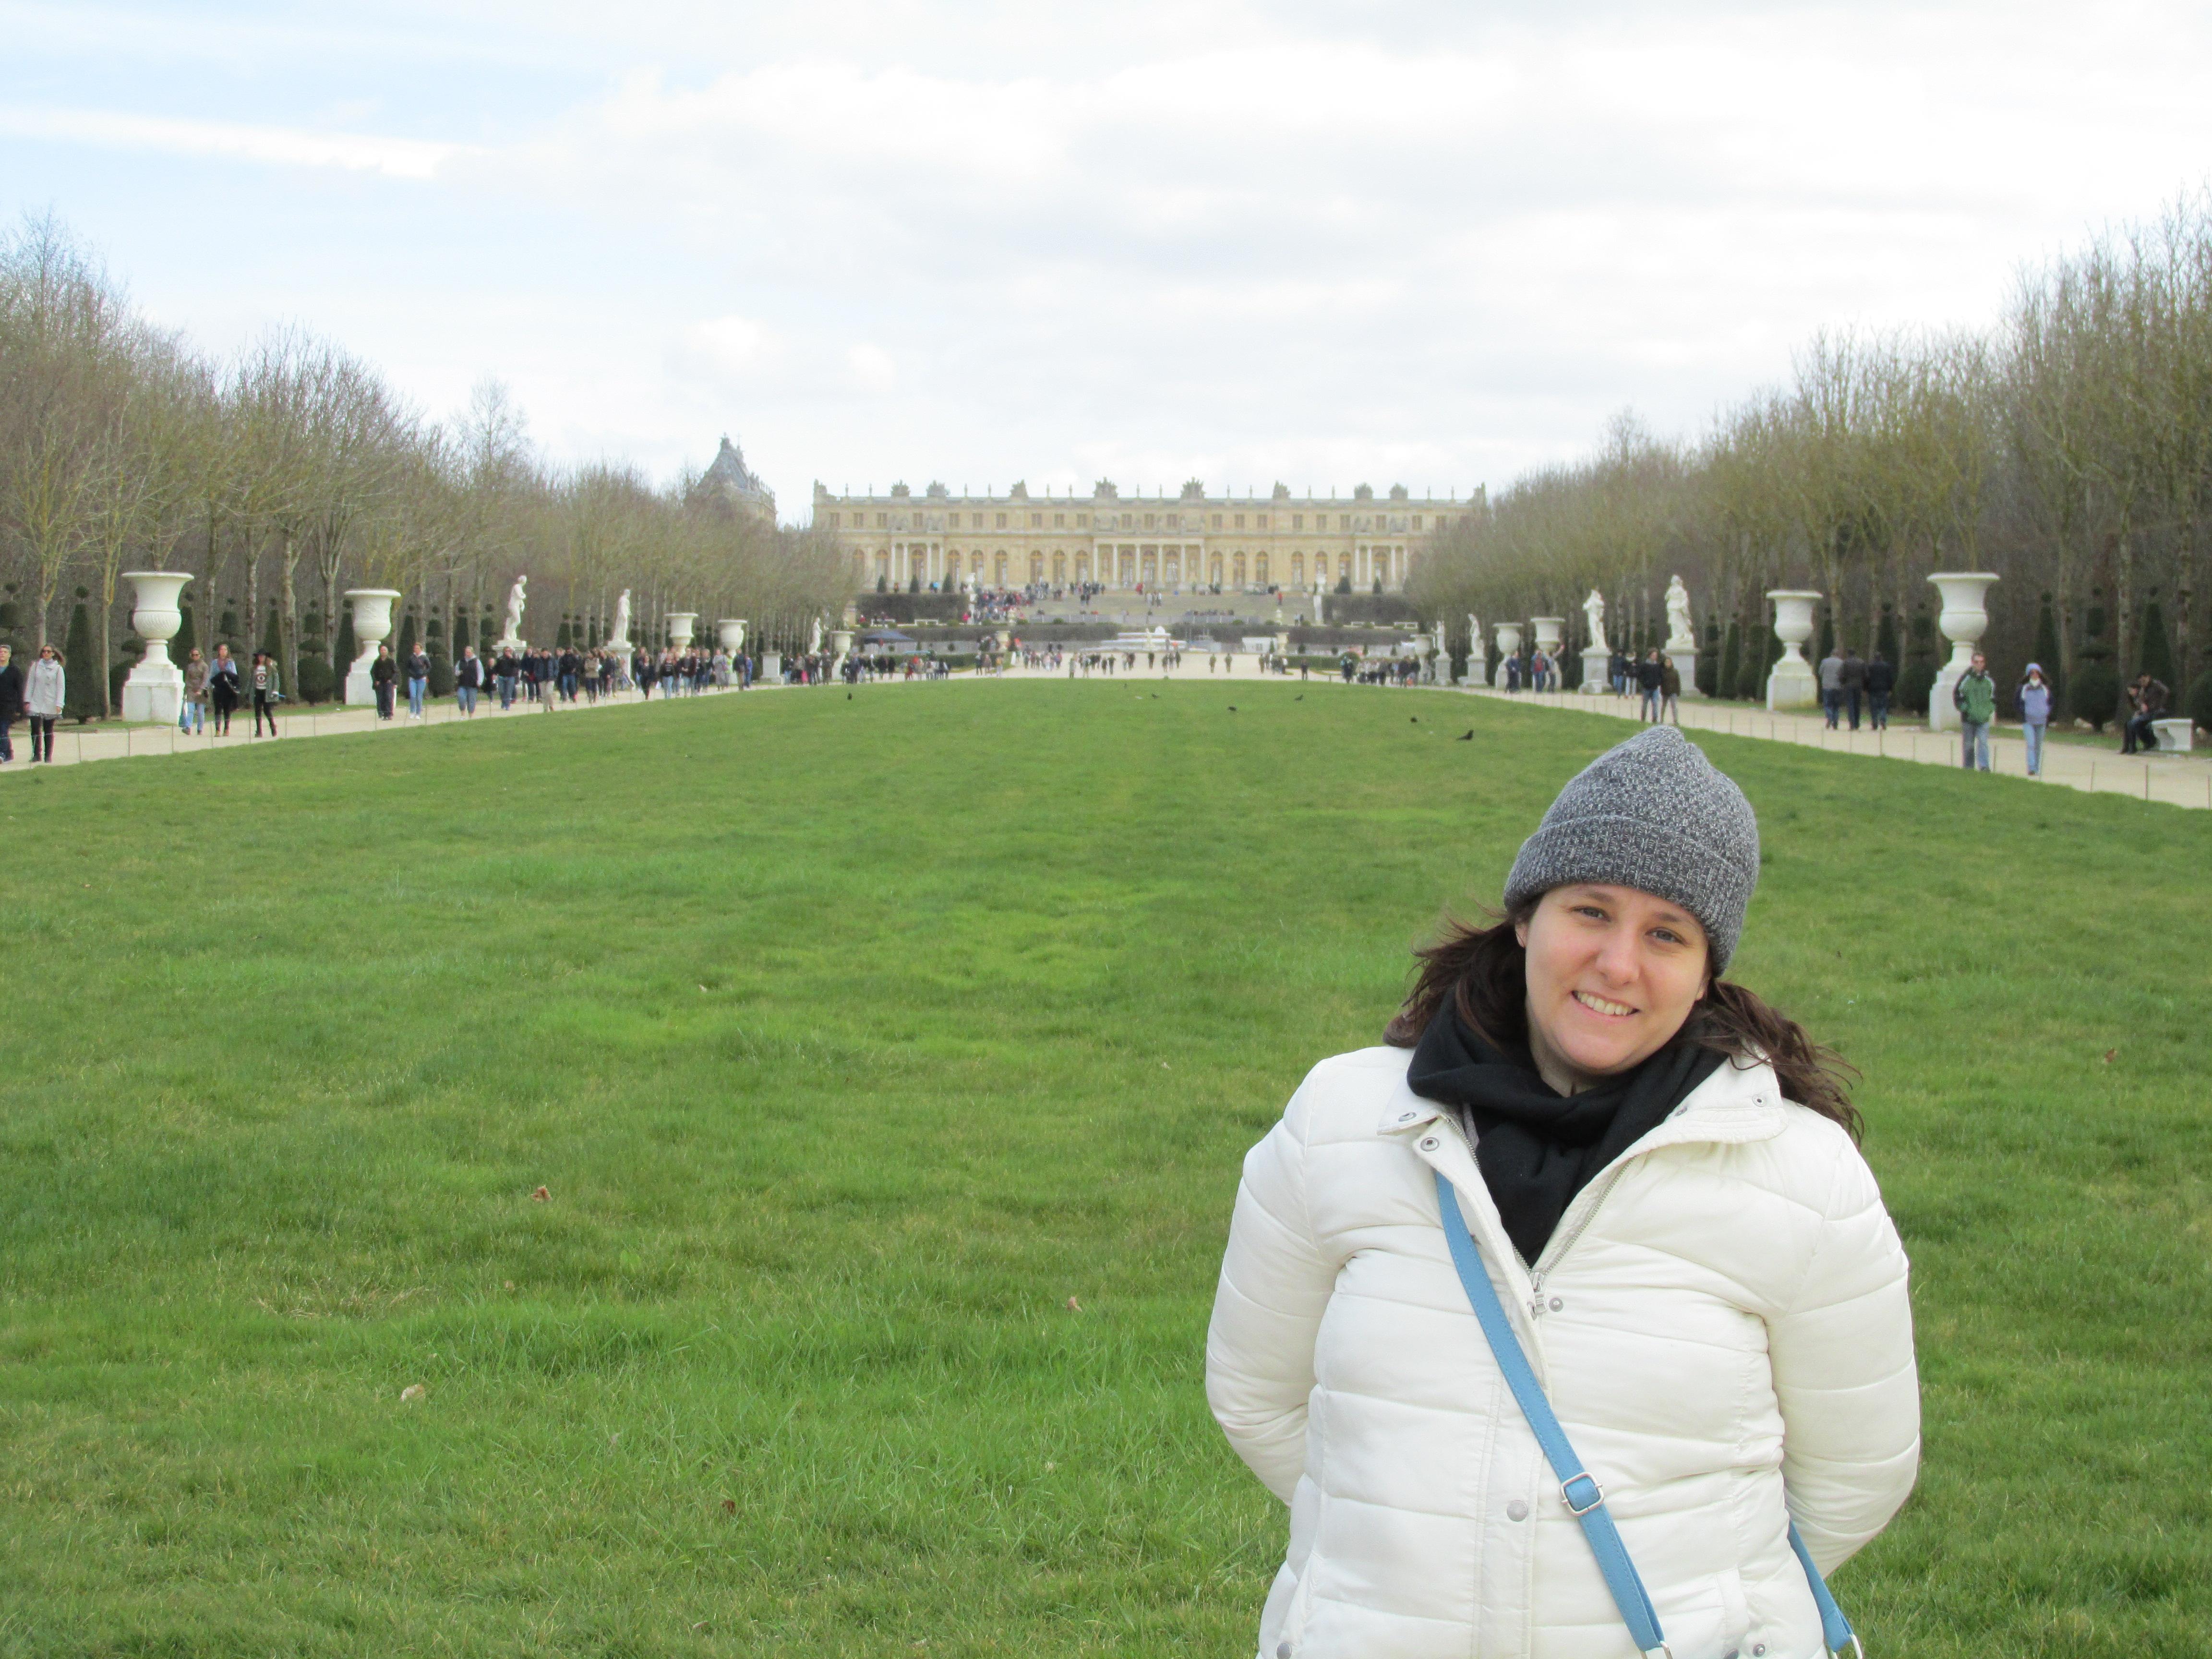 img 1964 - Visita al Palacio de Versalles: Como ir, cuanto cuesta y tips I/III